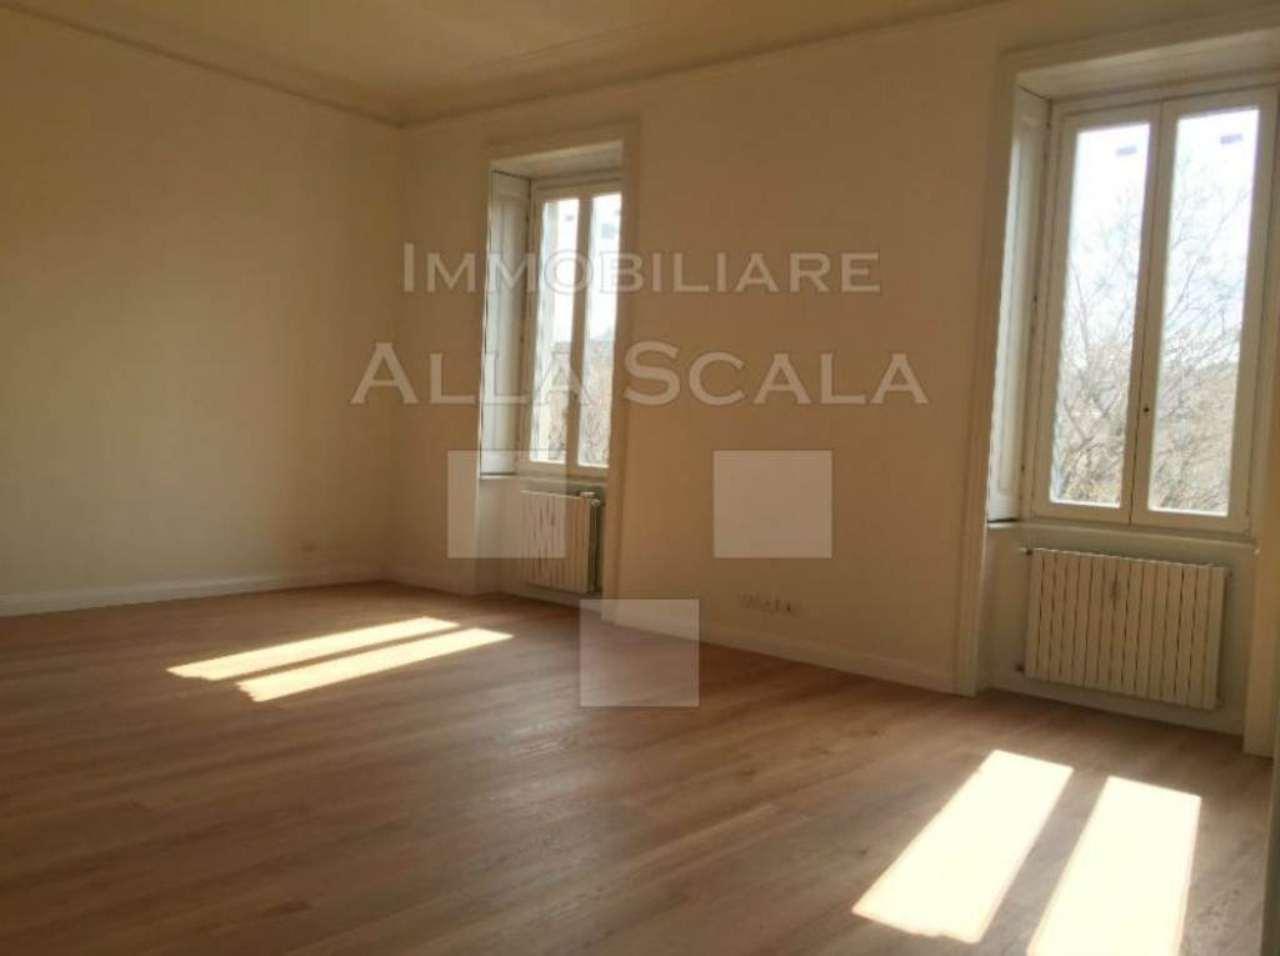 Appartamento in affitto a Milano, 4 locali, zona Zona: 1 . Centro Storico, Duomo, Brera, Cadorna, Cattolica, prezzo € 3.000 | Cambio Casa.it